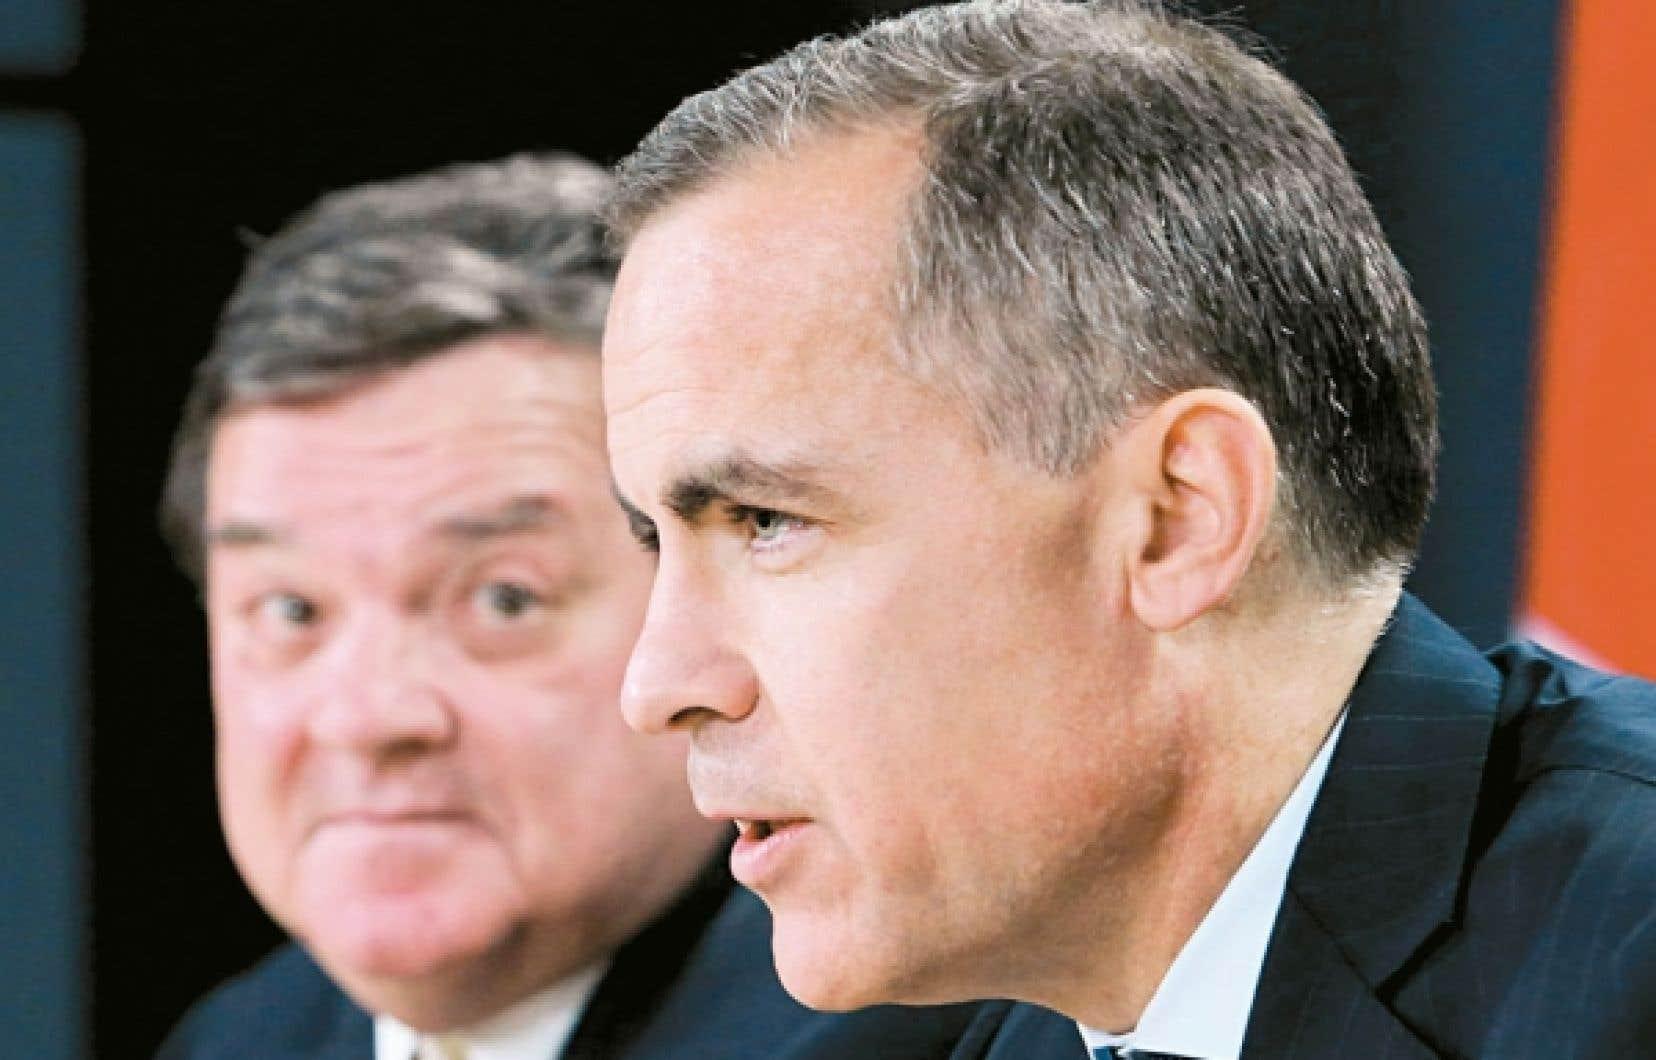 Véritable star de la finance internationale, le gouverneur de la Banque centrale du Canada, Mark Carney (en avant-plan), a décidé de plier bagage et de s'installer au cœur de la City, à Londres, où il jouera le même rôle, mais auprès de la Banque centrale d'Angleterre. Le ministre des Finances, Jim Flaherty (en arrière-plan), a soutenu lundi que le recrutement de M. Carney démontre que le Canada est un modèle de gestion pour le reste du monde.